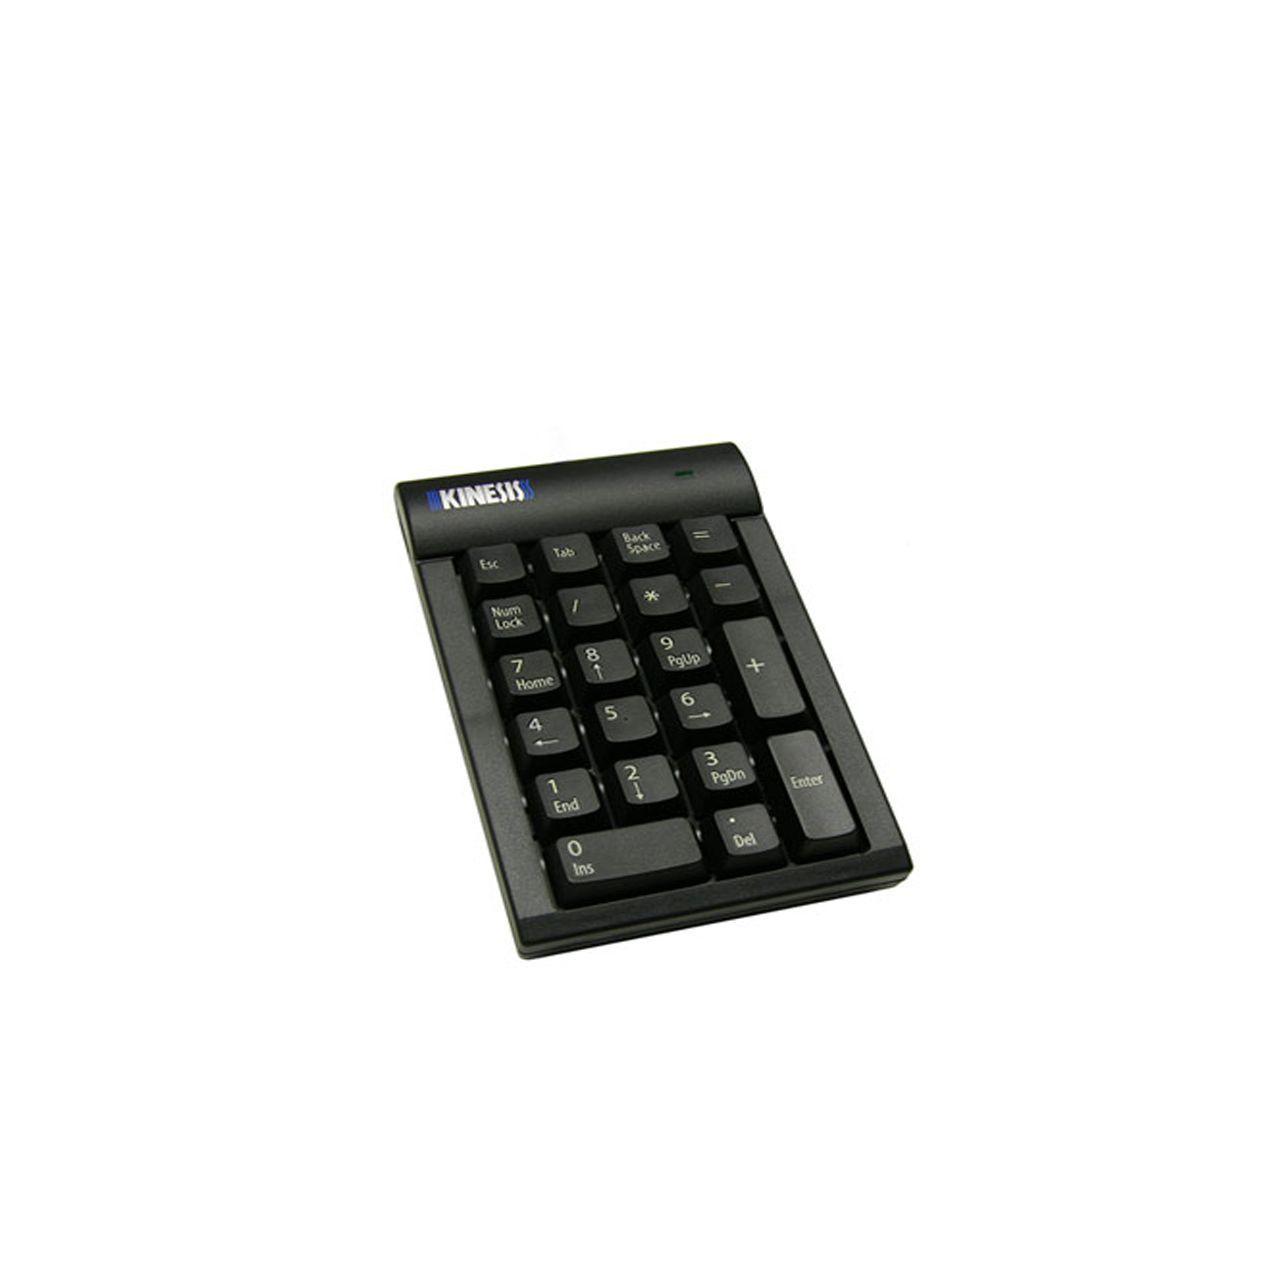 Freestyle-numeriek-toetsenbord-erkafree01_0000s_0000_voorkant_1